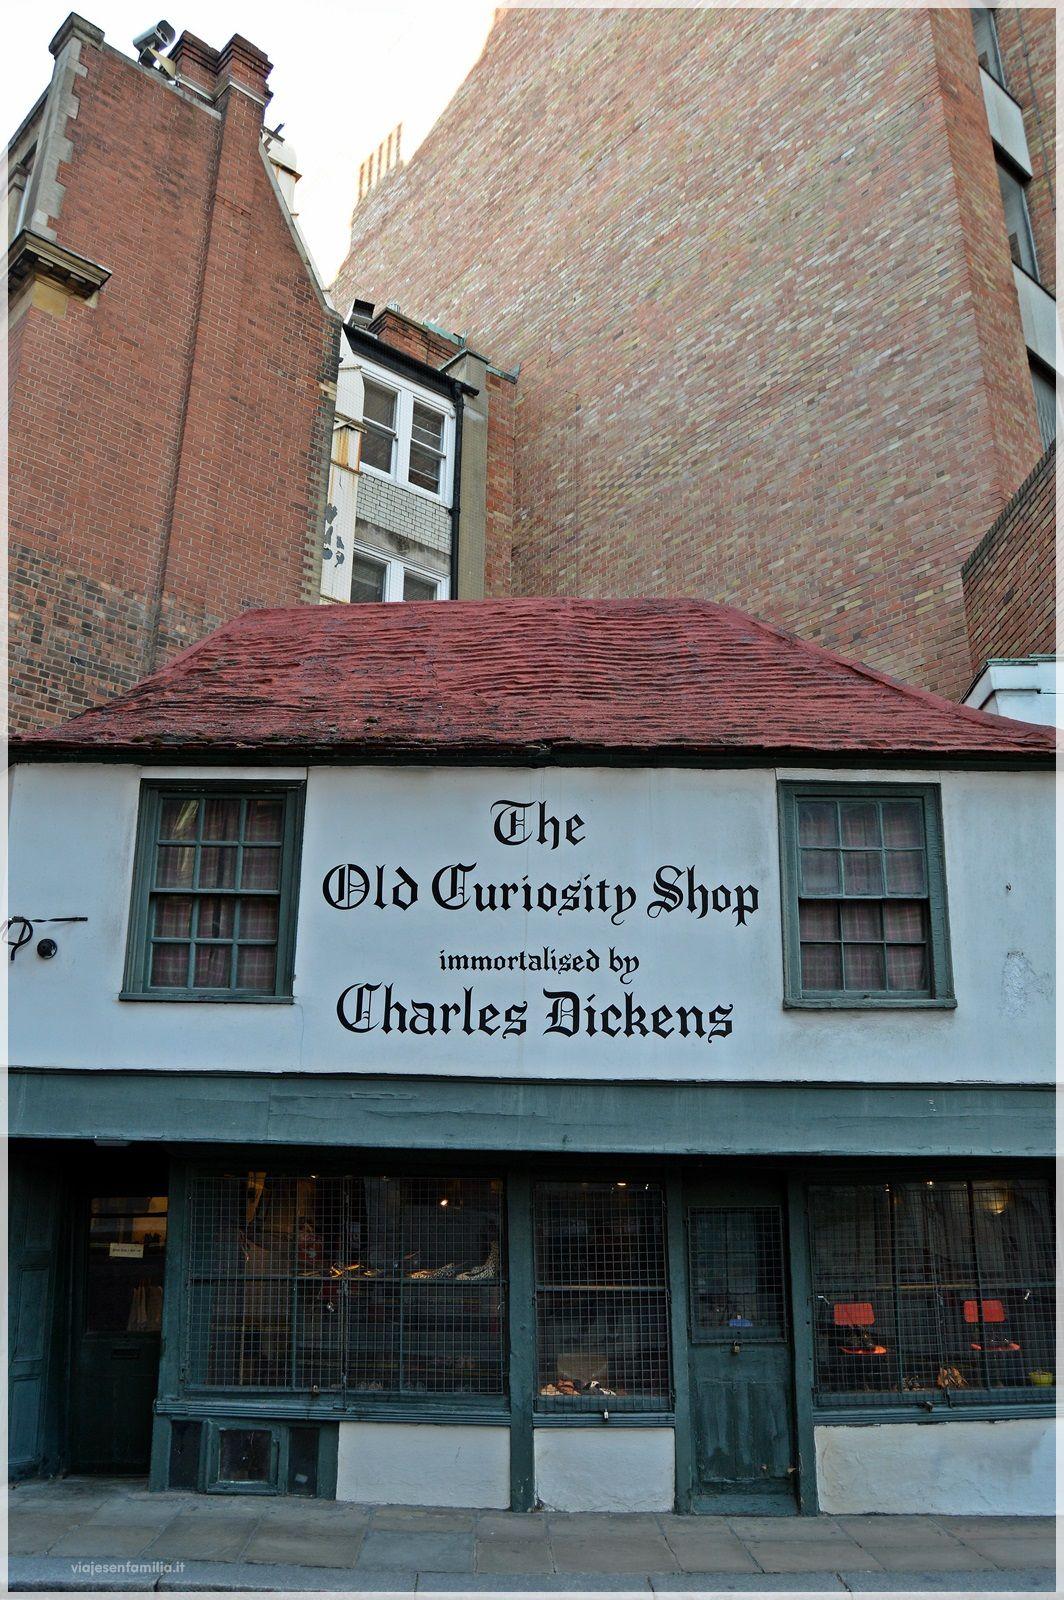 Old Curiosity Shop. Edificado en el siglo XVII , anterior al gran incendio de Londres. http://www.viajesenfamilia.it/